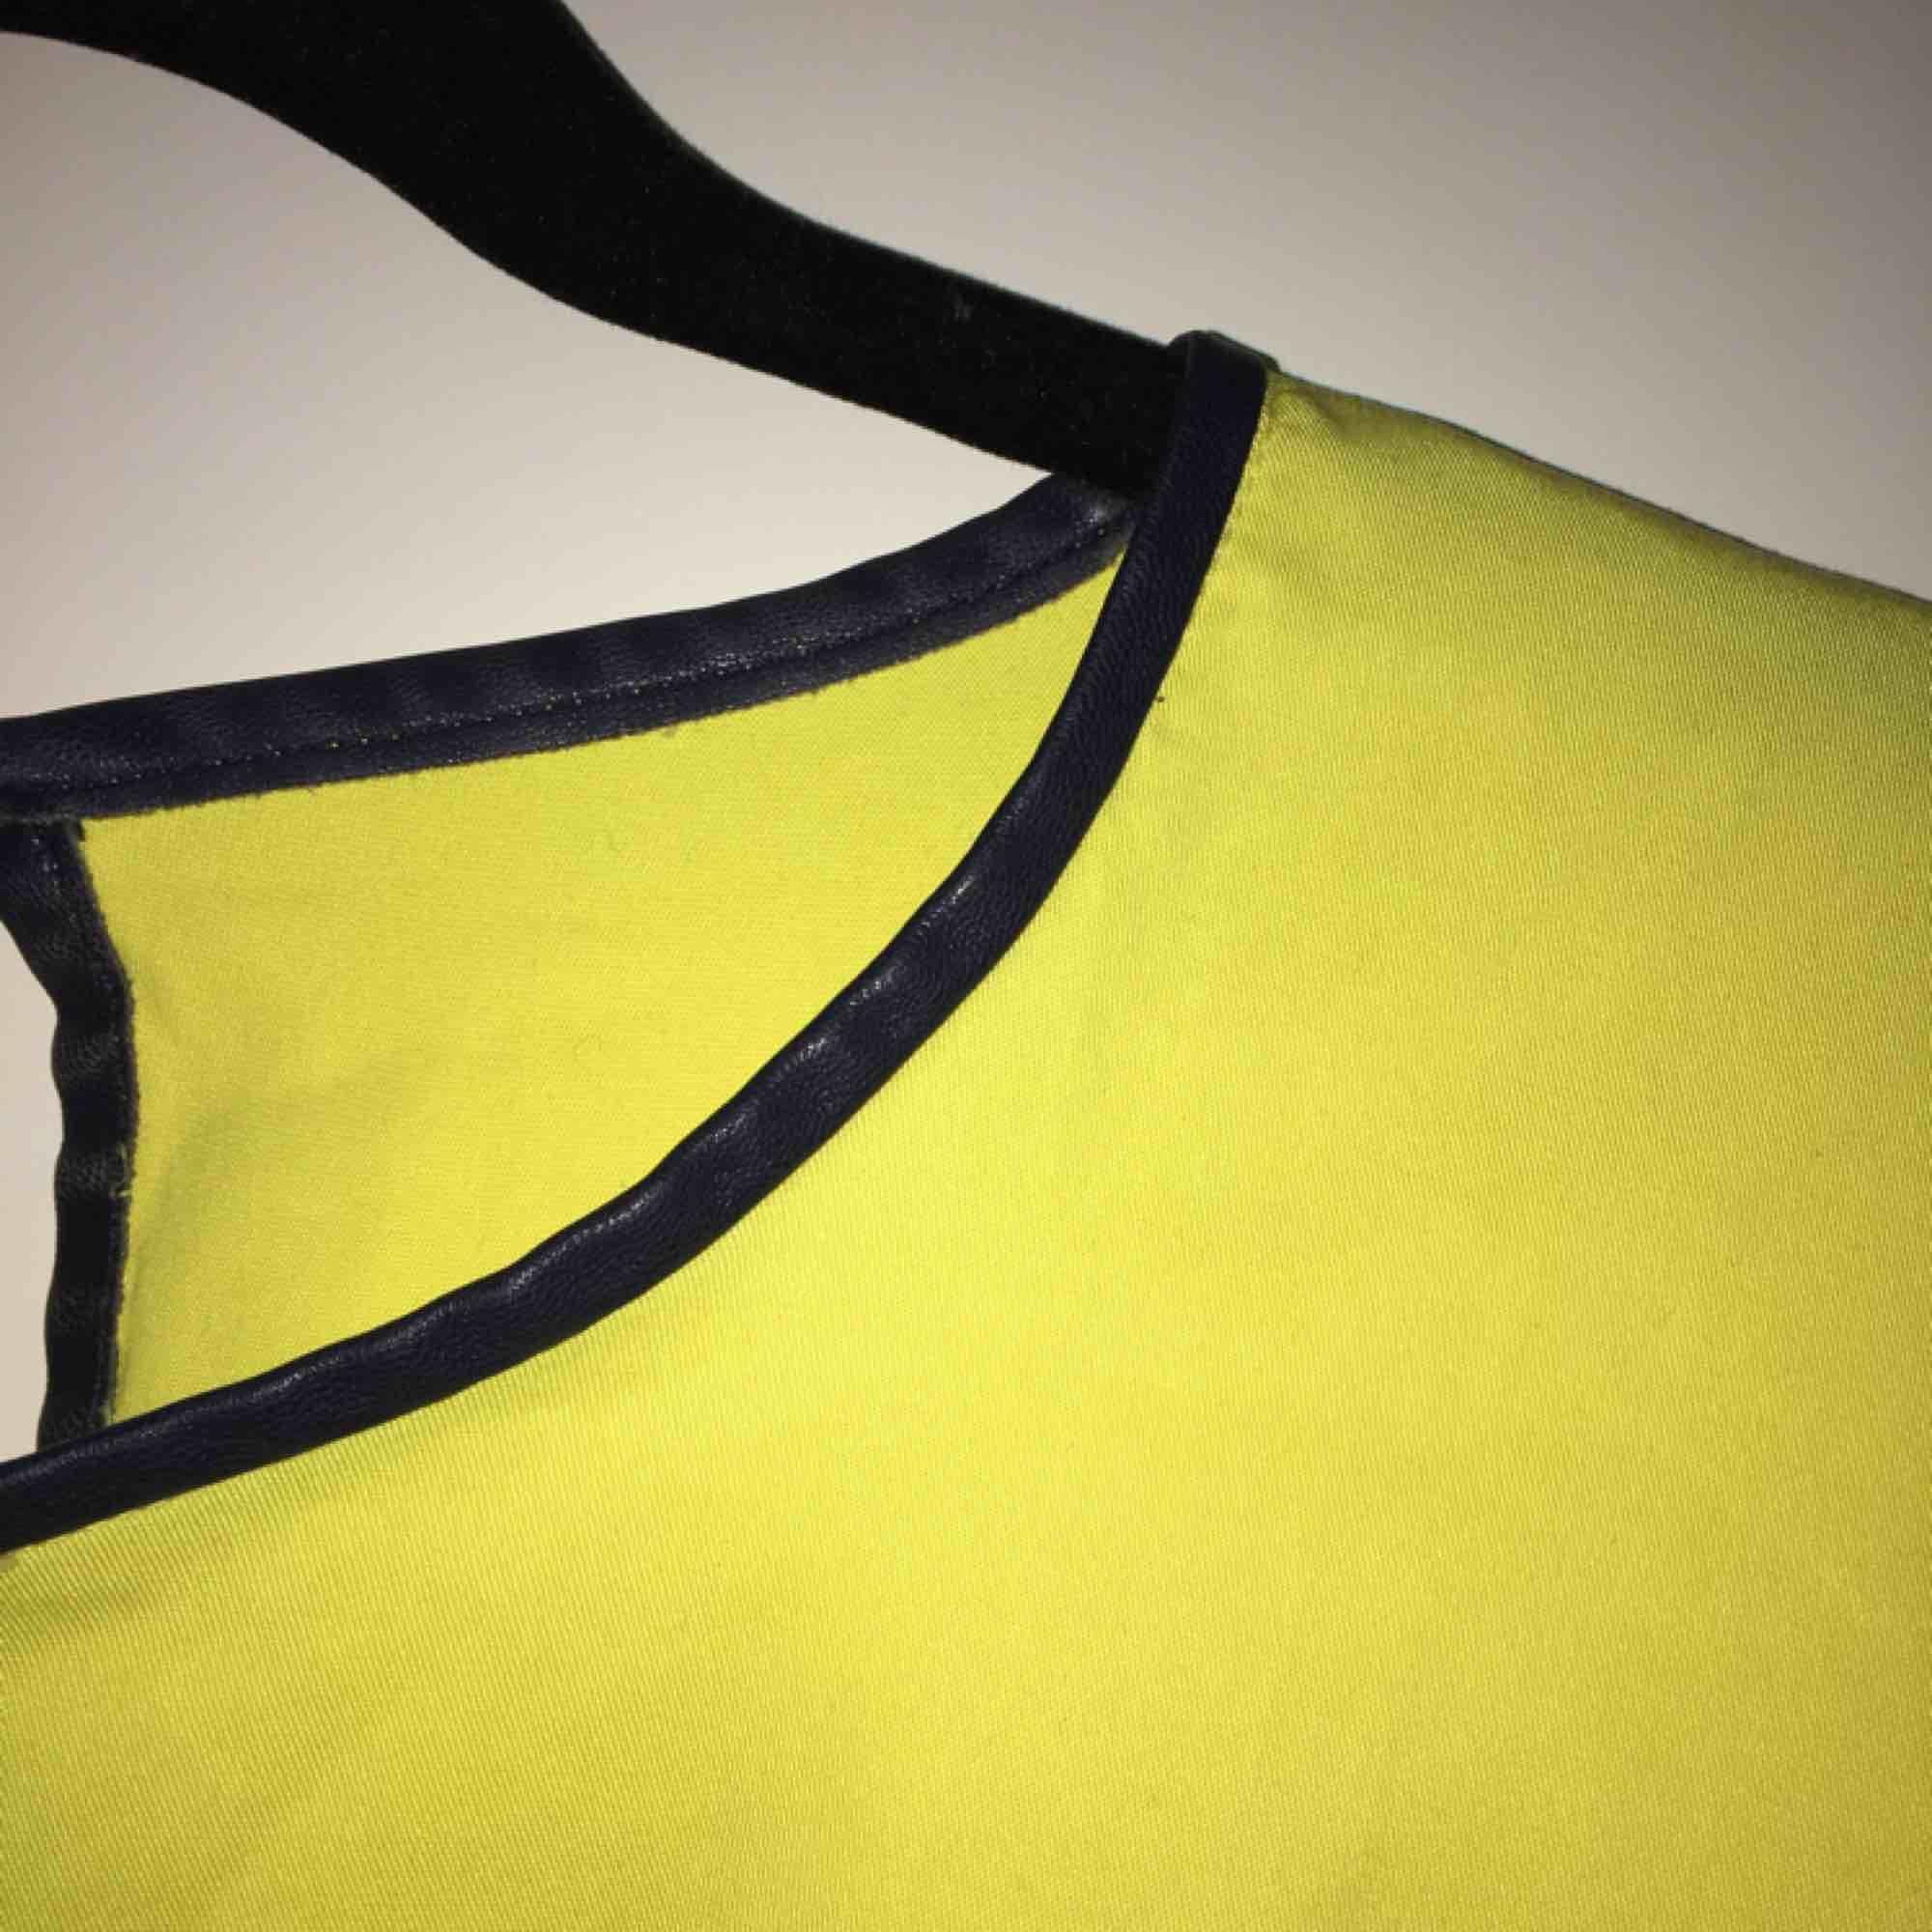 Svin ball tröja från Zara i en neon gul färg med en läder kant upptill som snygg detalj⚡️ Är stl L sitter snyggt oversized på mig som är XS/S, men funkar för M/L också givetvis!!💛Snygg att styla med bälte/skärp/kedja i midjan🌻. Toppar.